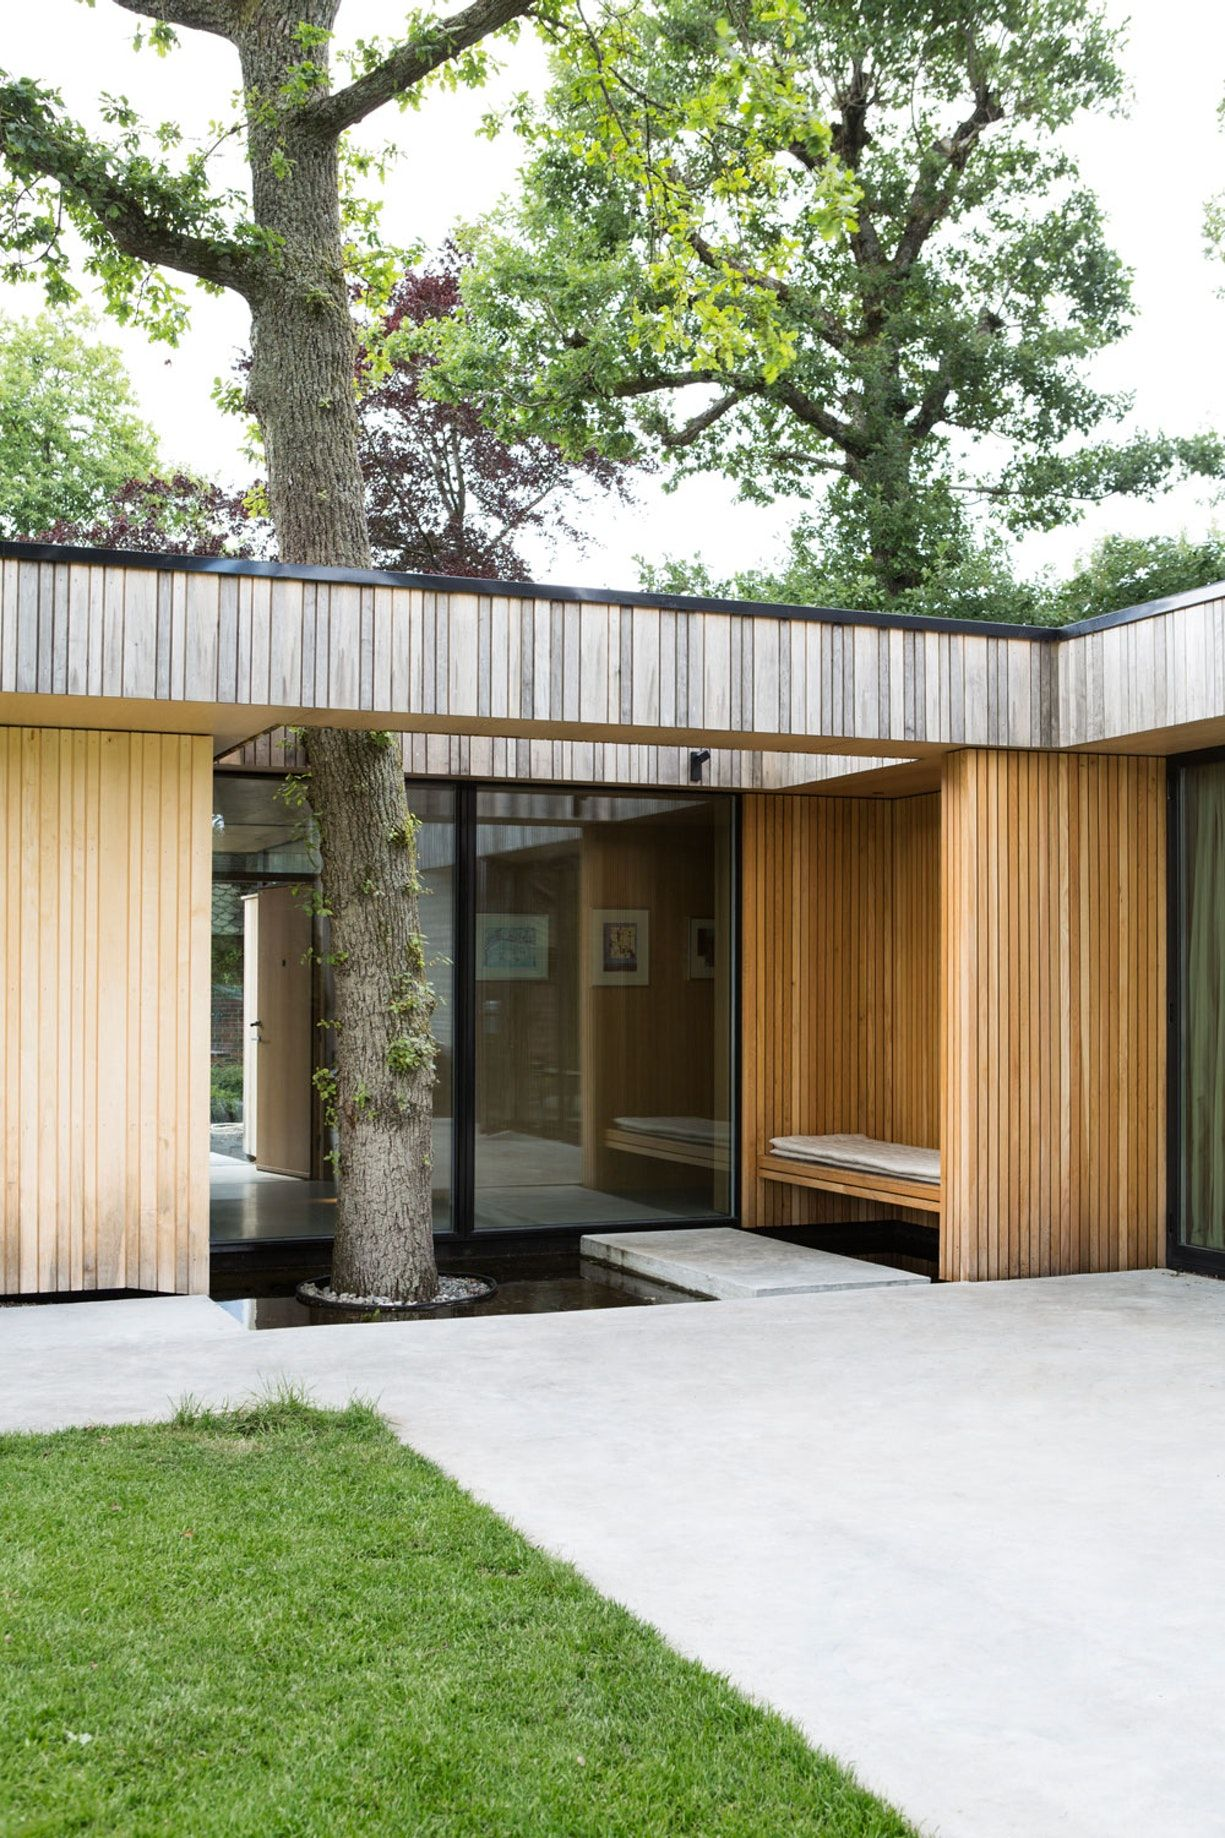 Bygd for et liv under eiketrærne | Hus, Arkitekter, Bygd on Bade Outdoor Living id=13257